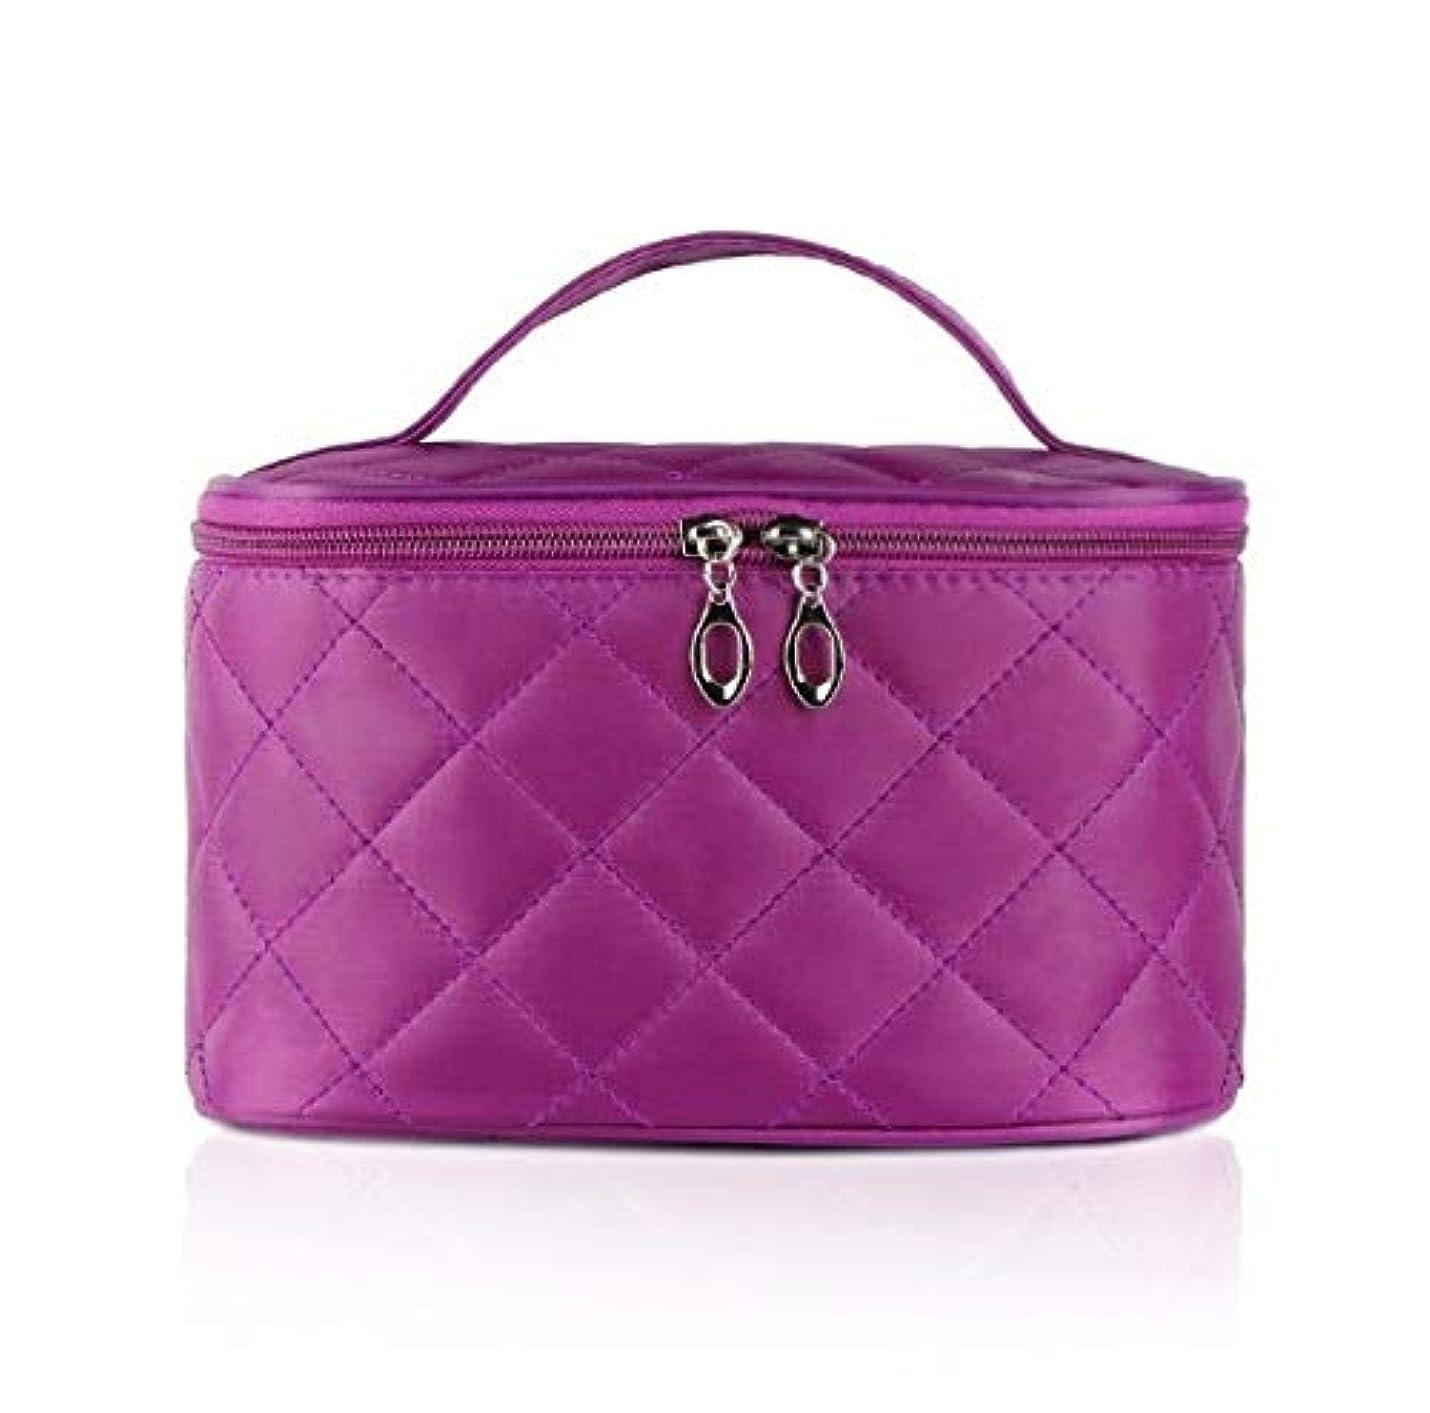 フィクション無限支援する化粧箱、簡単な菱形の正方形の携帯用化粧品袋、携帯用携帯用旅行化粧品の箱、美の釘の宝石類の収納箱 (Color : Purple)